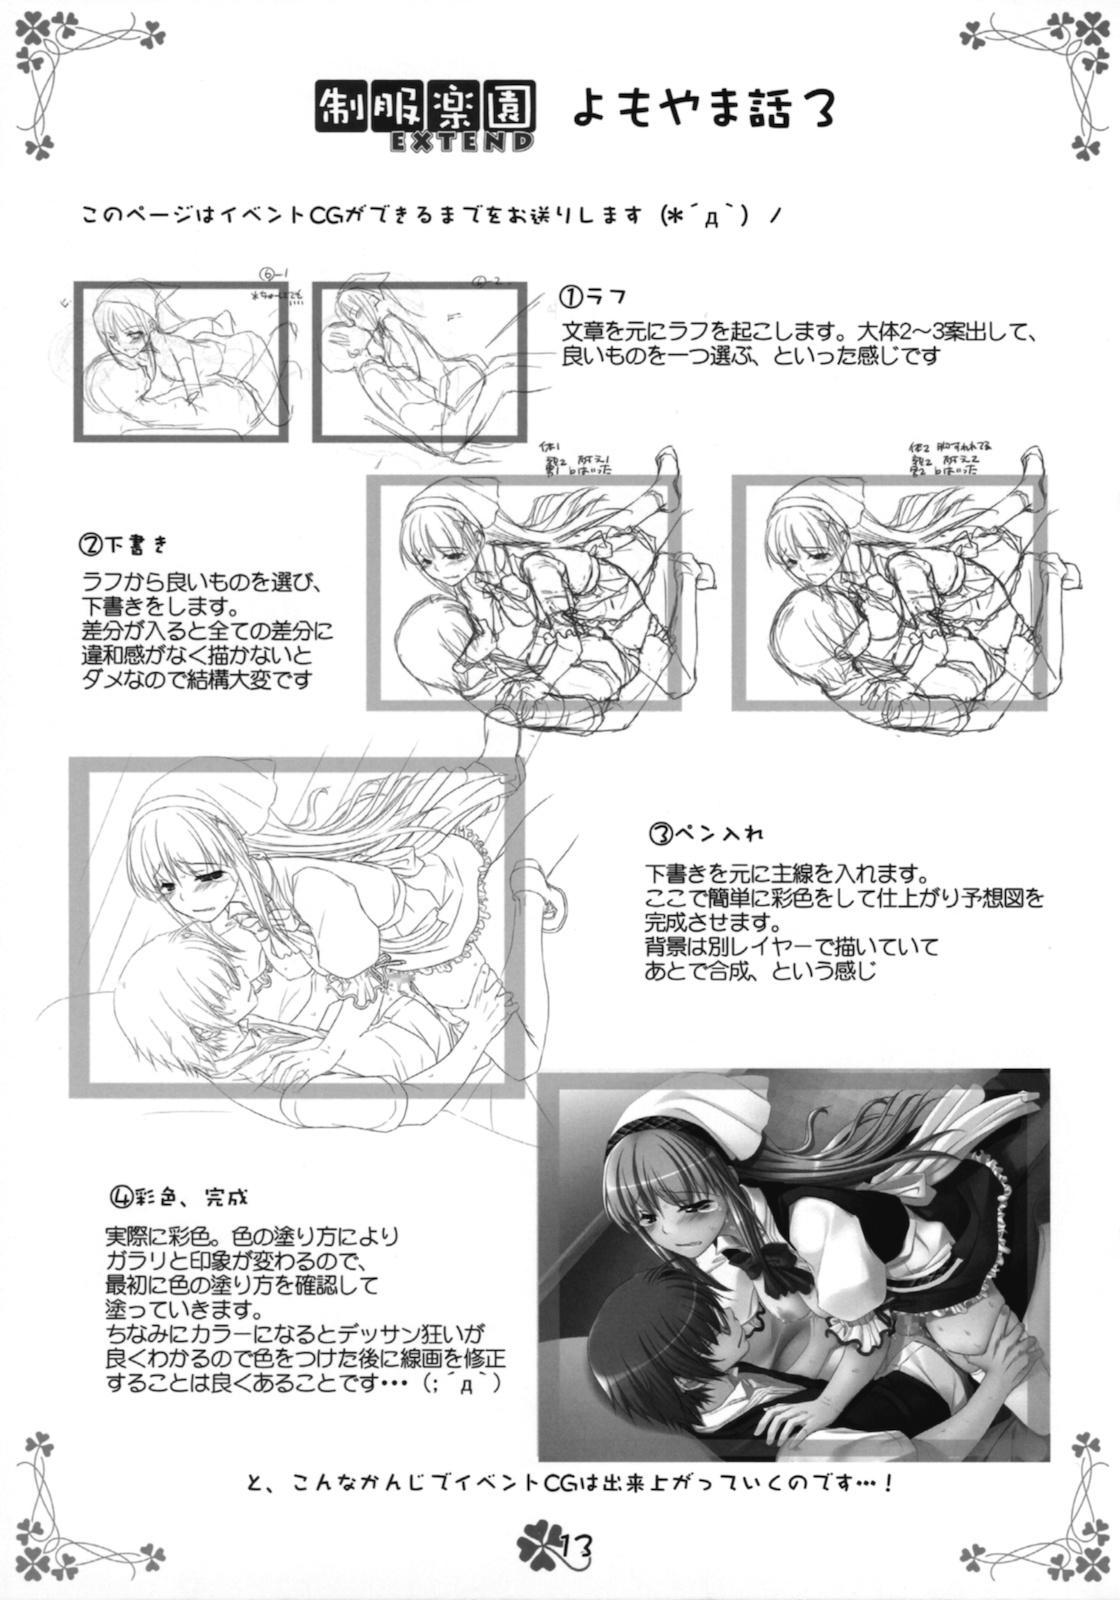 Seifuku Rakuen EXTEND Omake Shousasshi 11